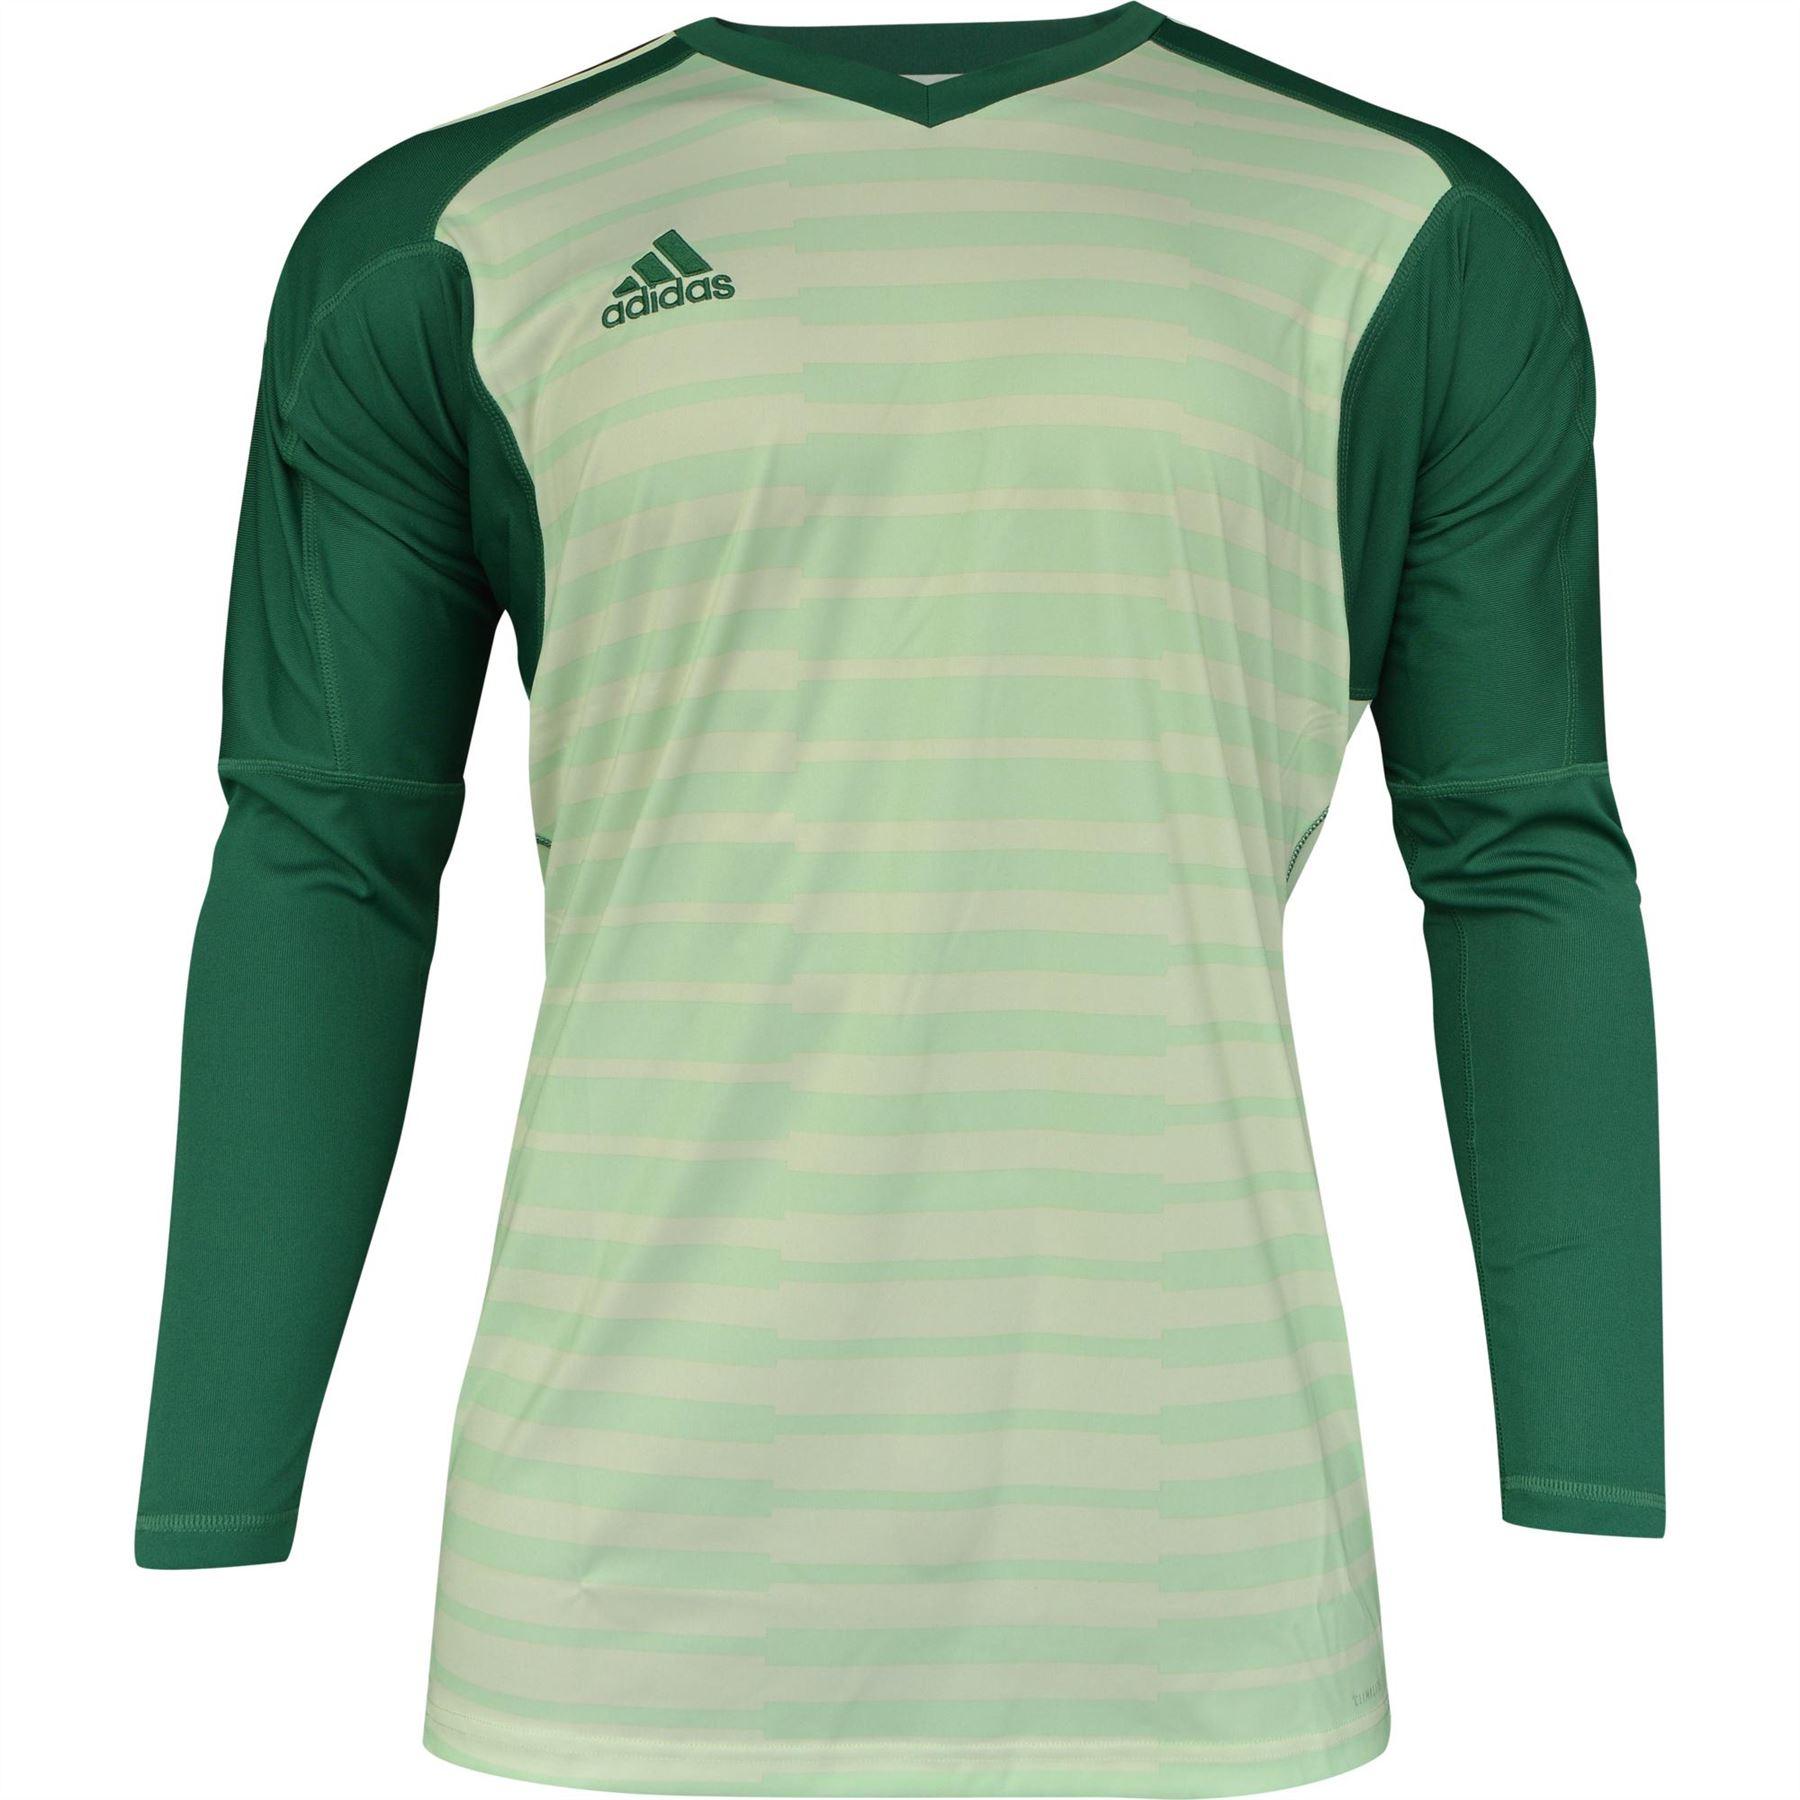 miniature 5 - ADIDAS adiPro 18 Gardien De but Chemise Homme Football Soccer Gk Jersey Top T-Shirt